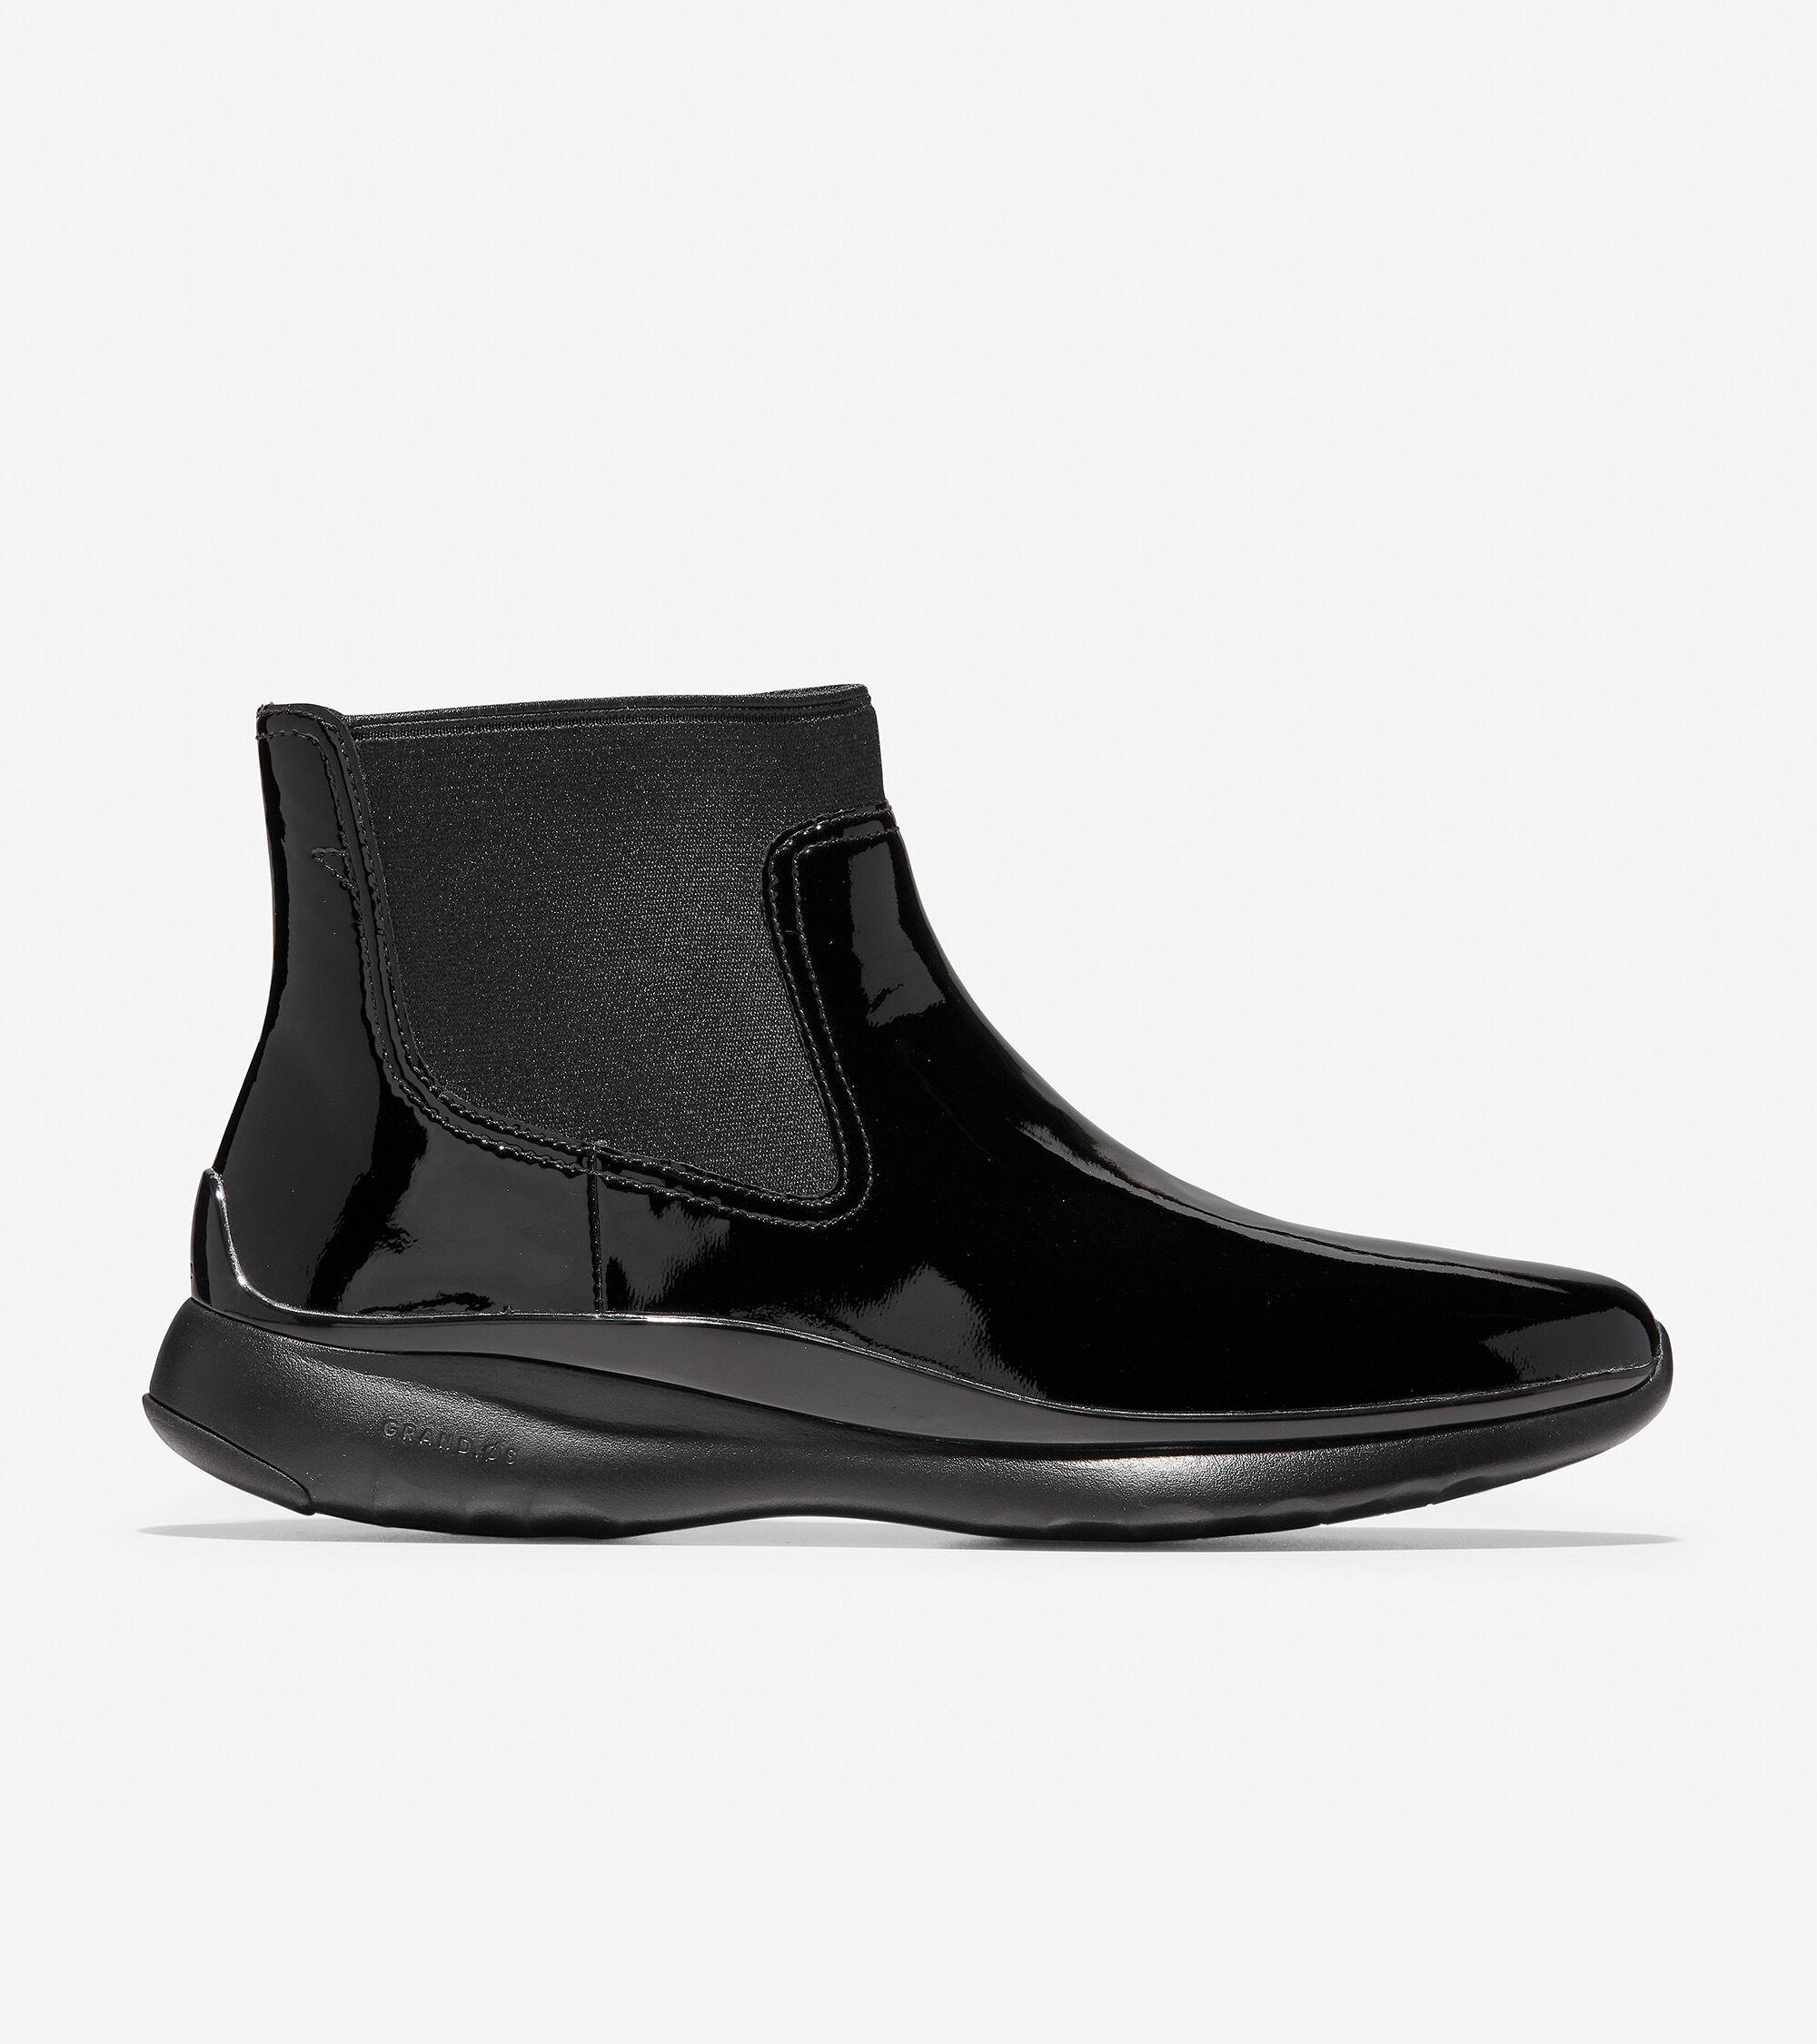 fd190a622a2 Women s 3.ZEROGRAND Waterproof Chelsea Boots in Black